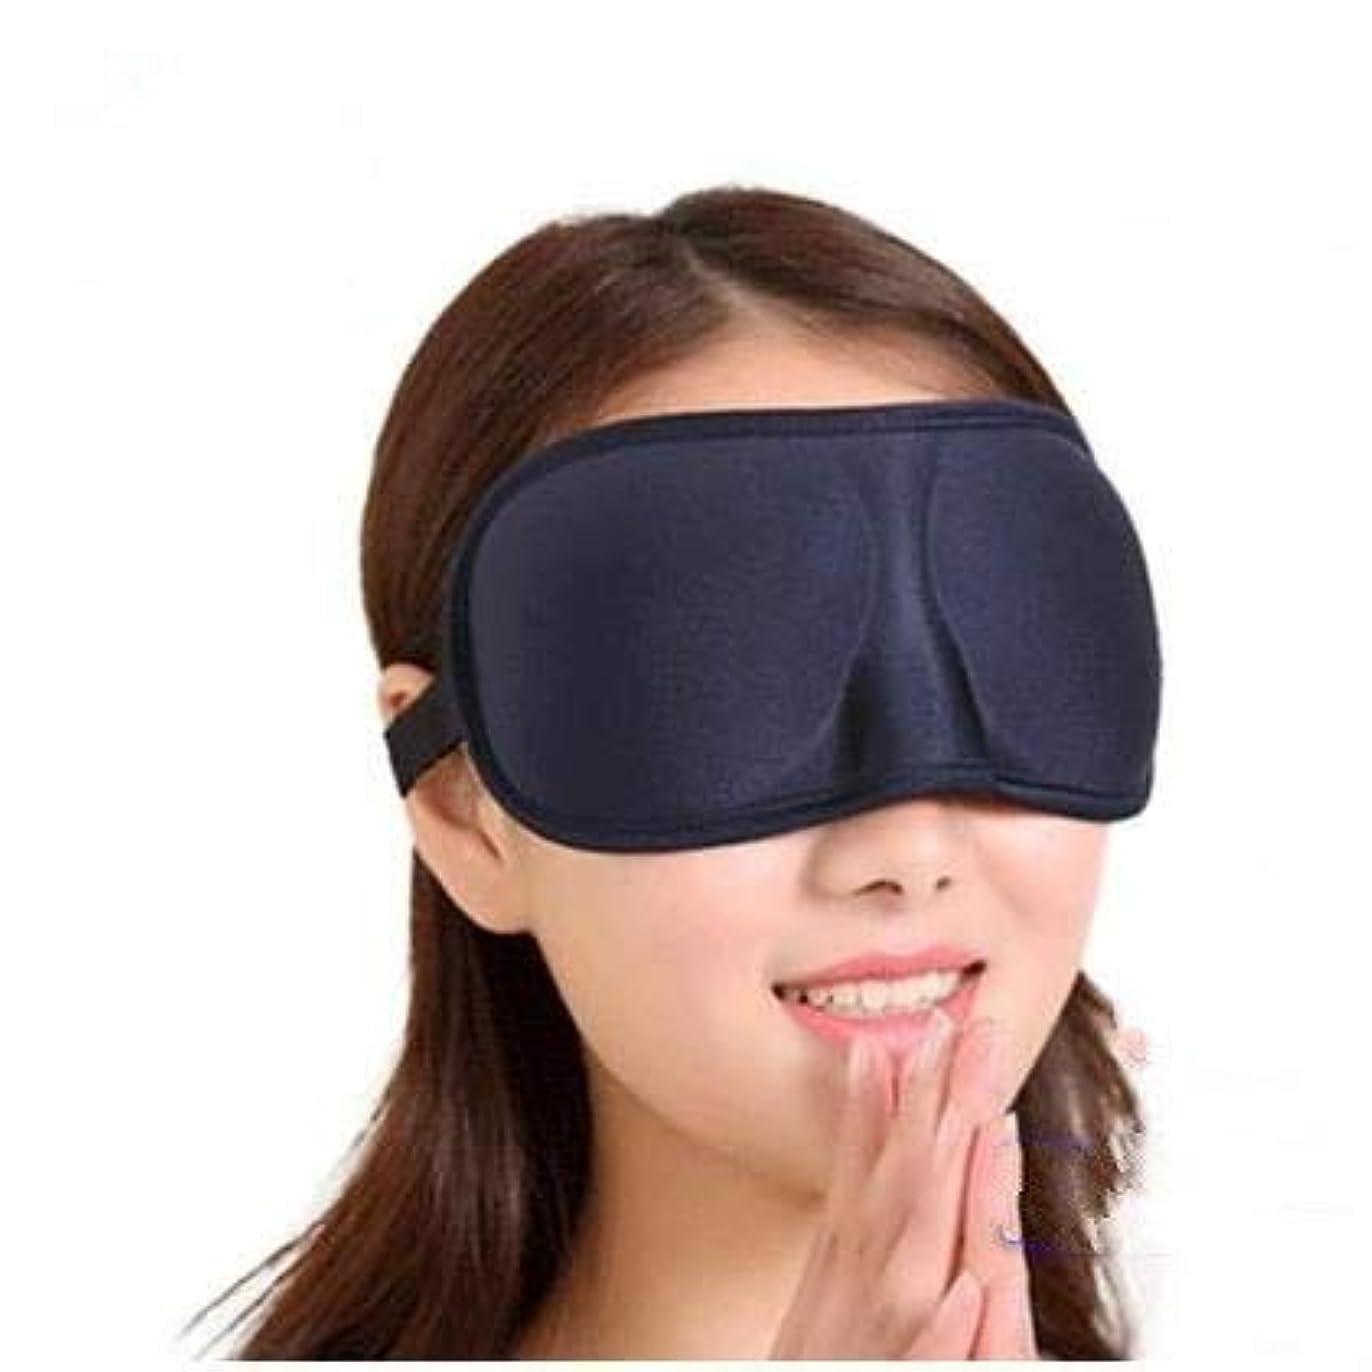 表面的な同情容疑者3 D超柔らかい通気性の布アイシェード睡眠アイマスク携帯用旅行睡眠休息補助アイマスクカバーアイパッチ睡眠マスク